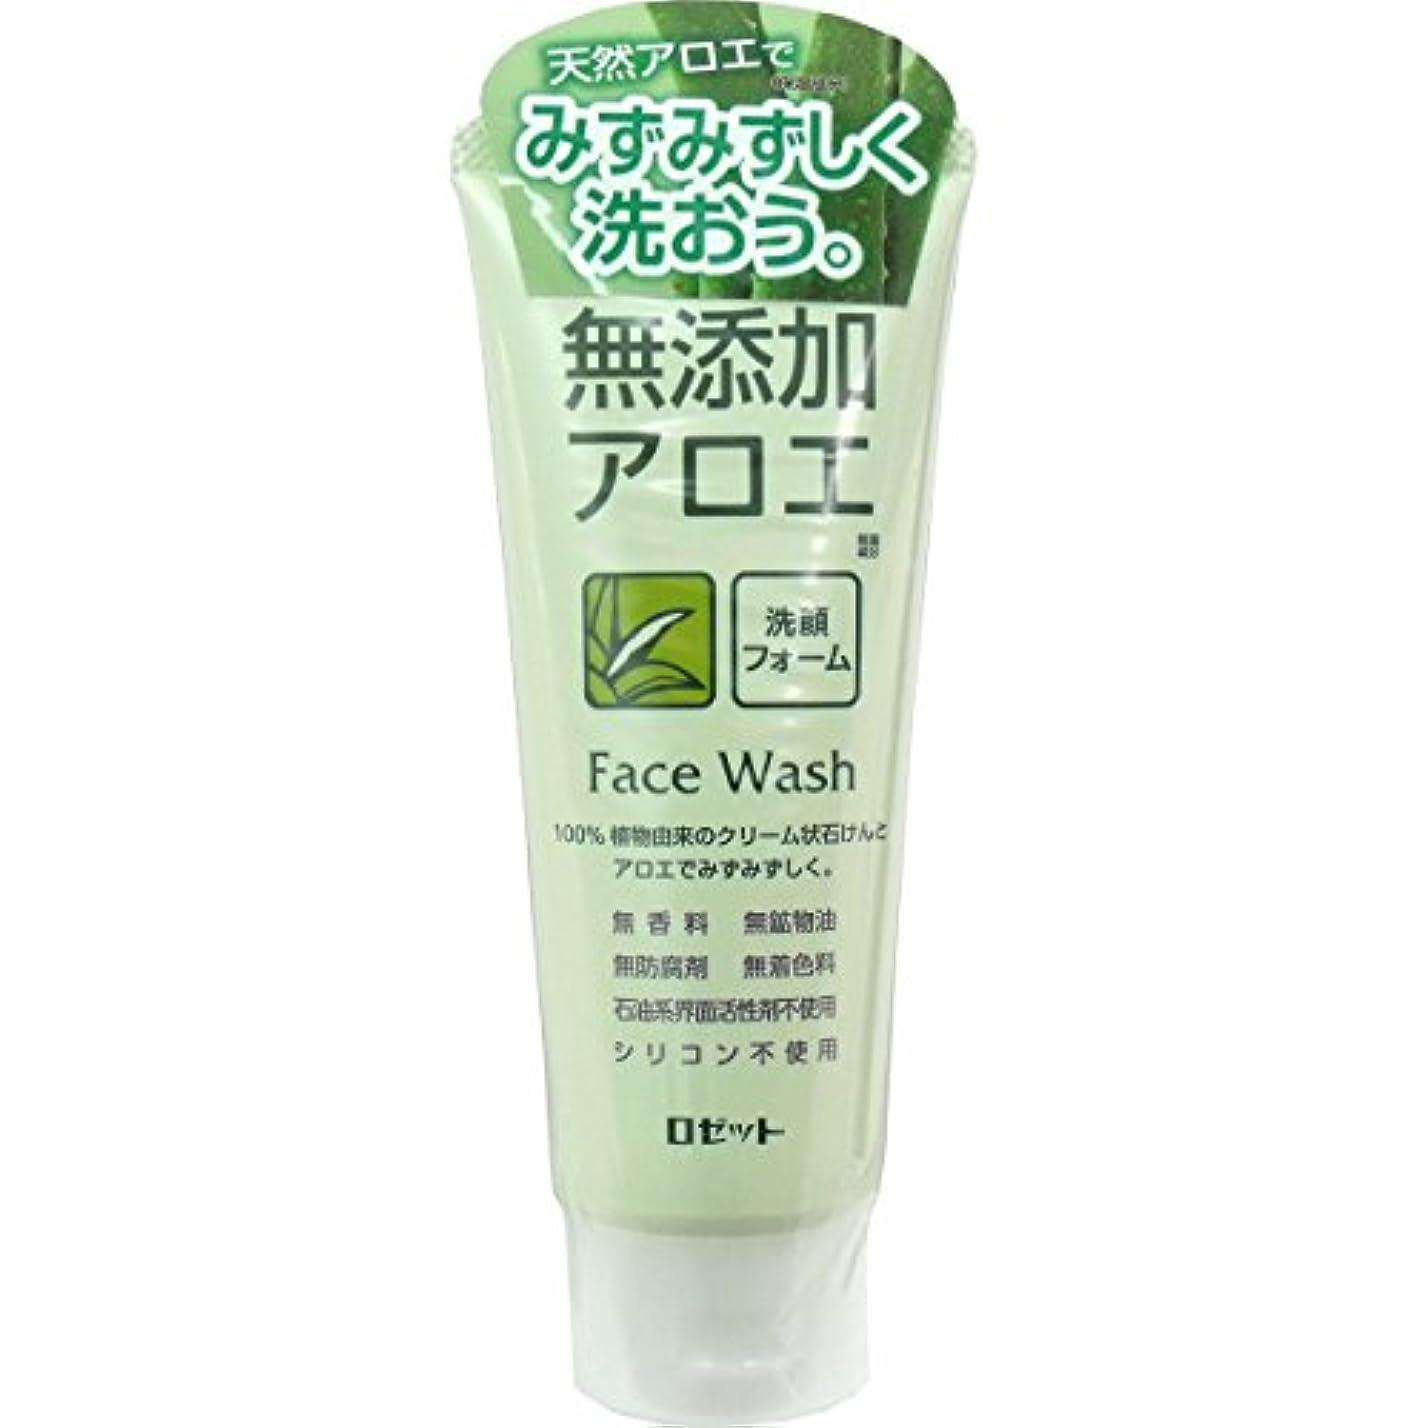 コンテストなめらかな敬意【まとめ買い】無添加アロエ洗顔フォーム 140g ×2セット